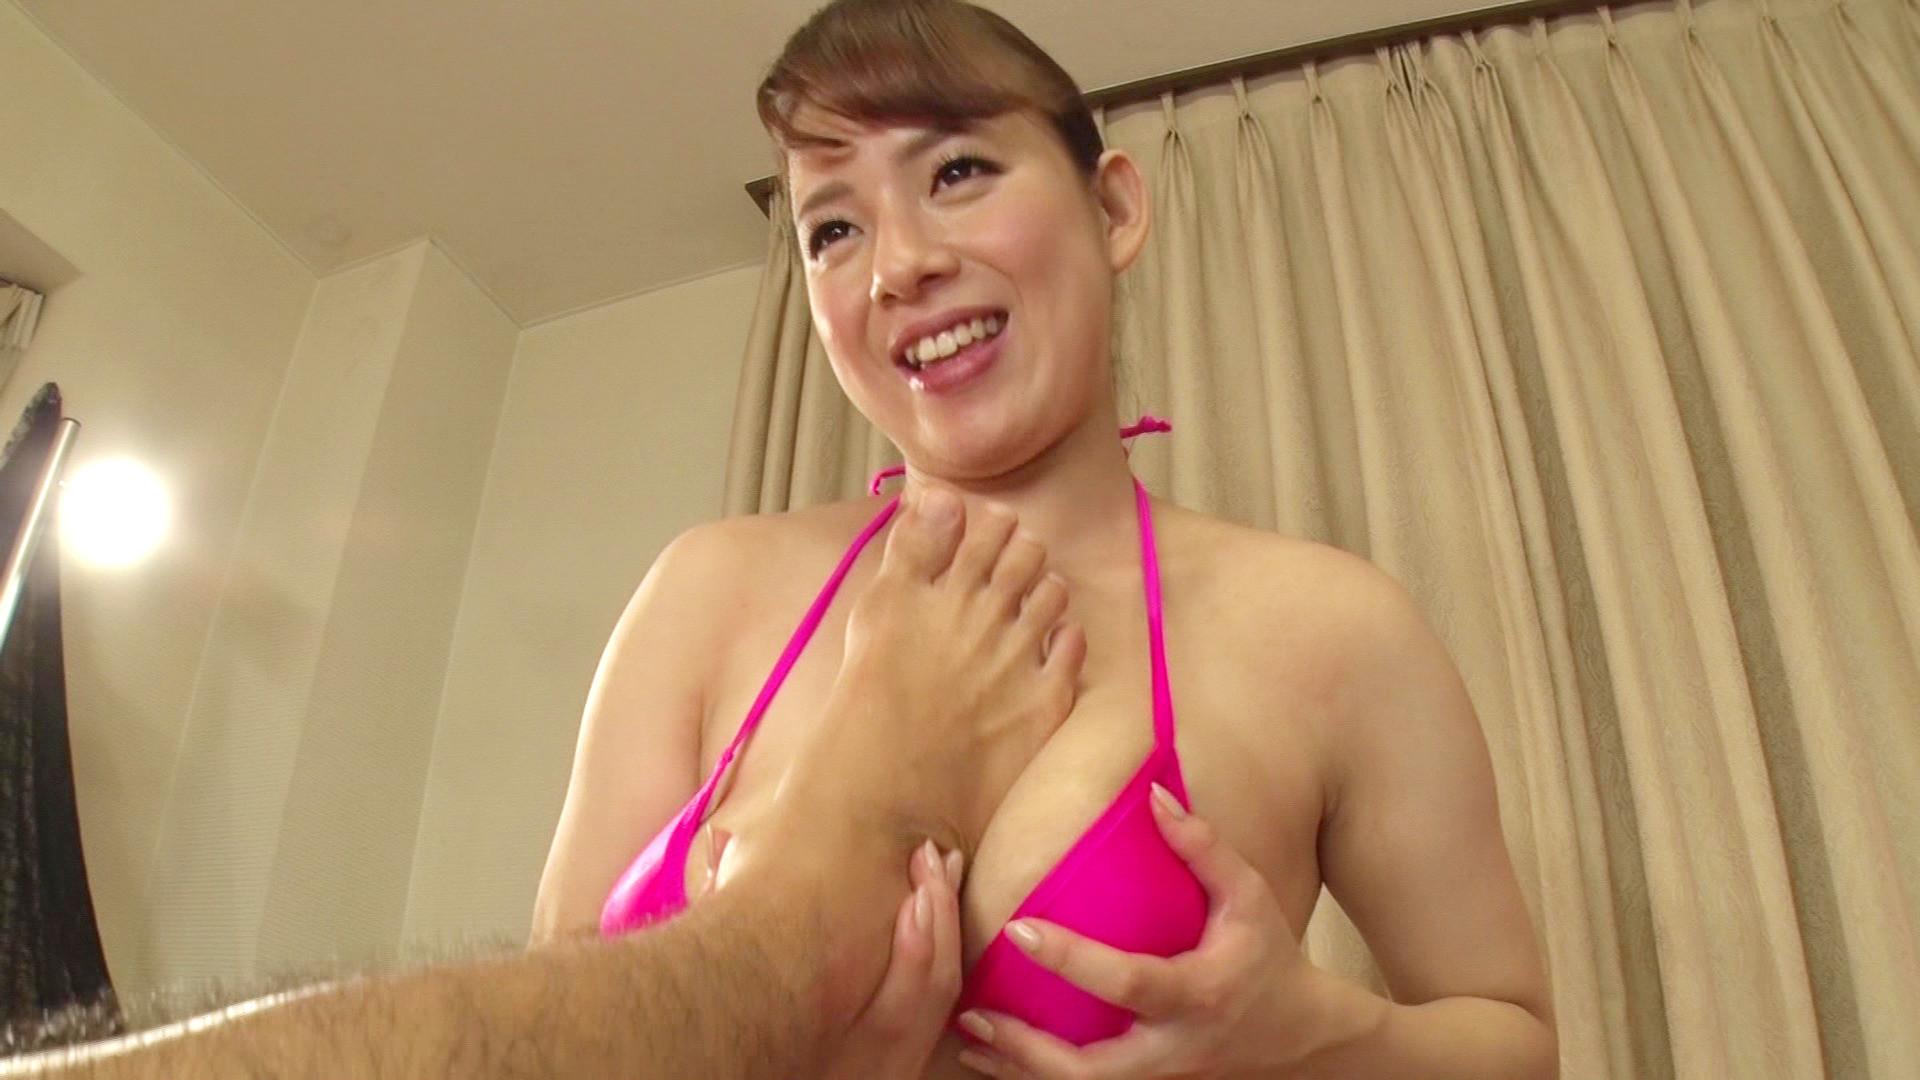 サロンの巨乳お姉さんのエッチなサービス施術にチ●ポ大満足ですぅ!!